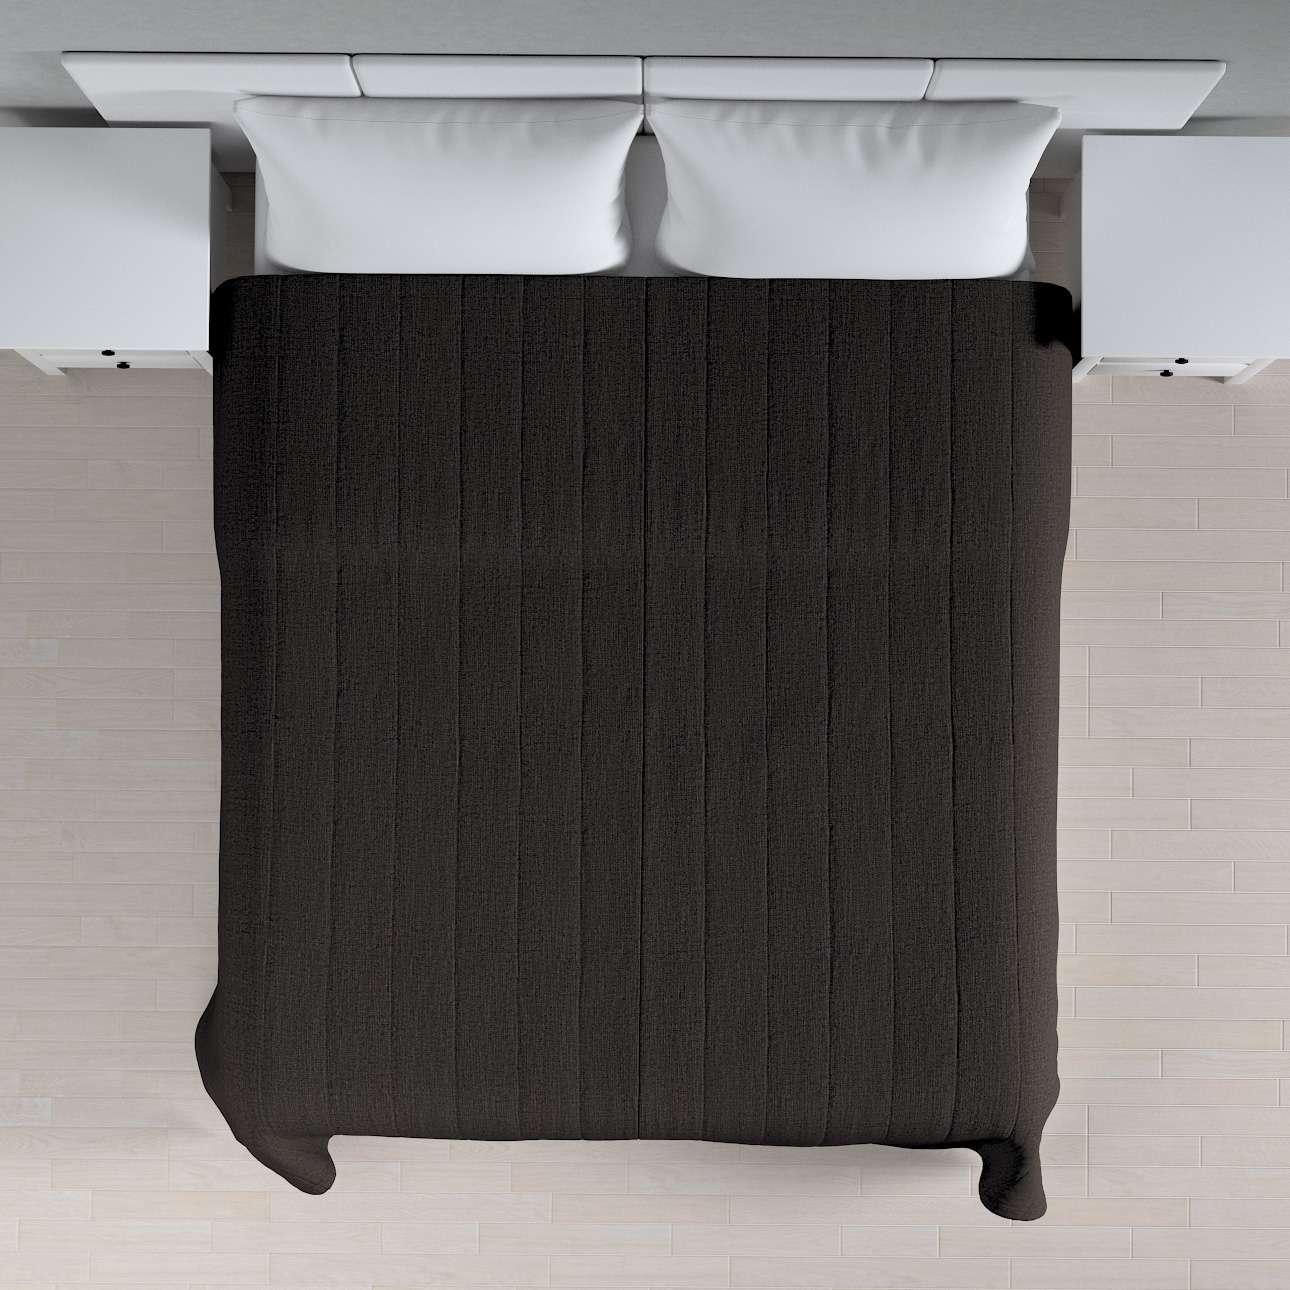 Einfacher Überwurf 260 x 210 cm von der Kollektion Vintage, Stoff: 702-36